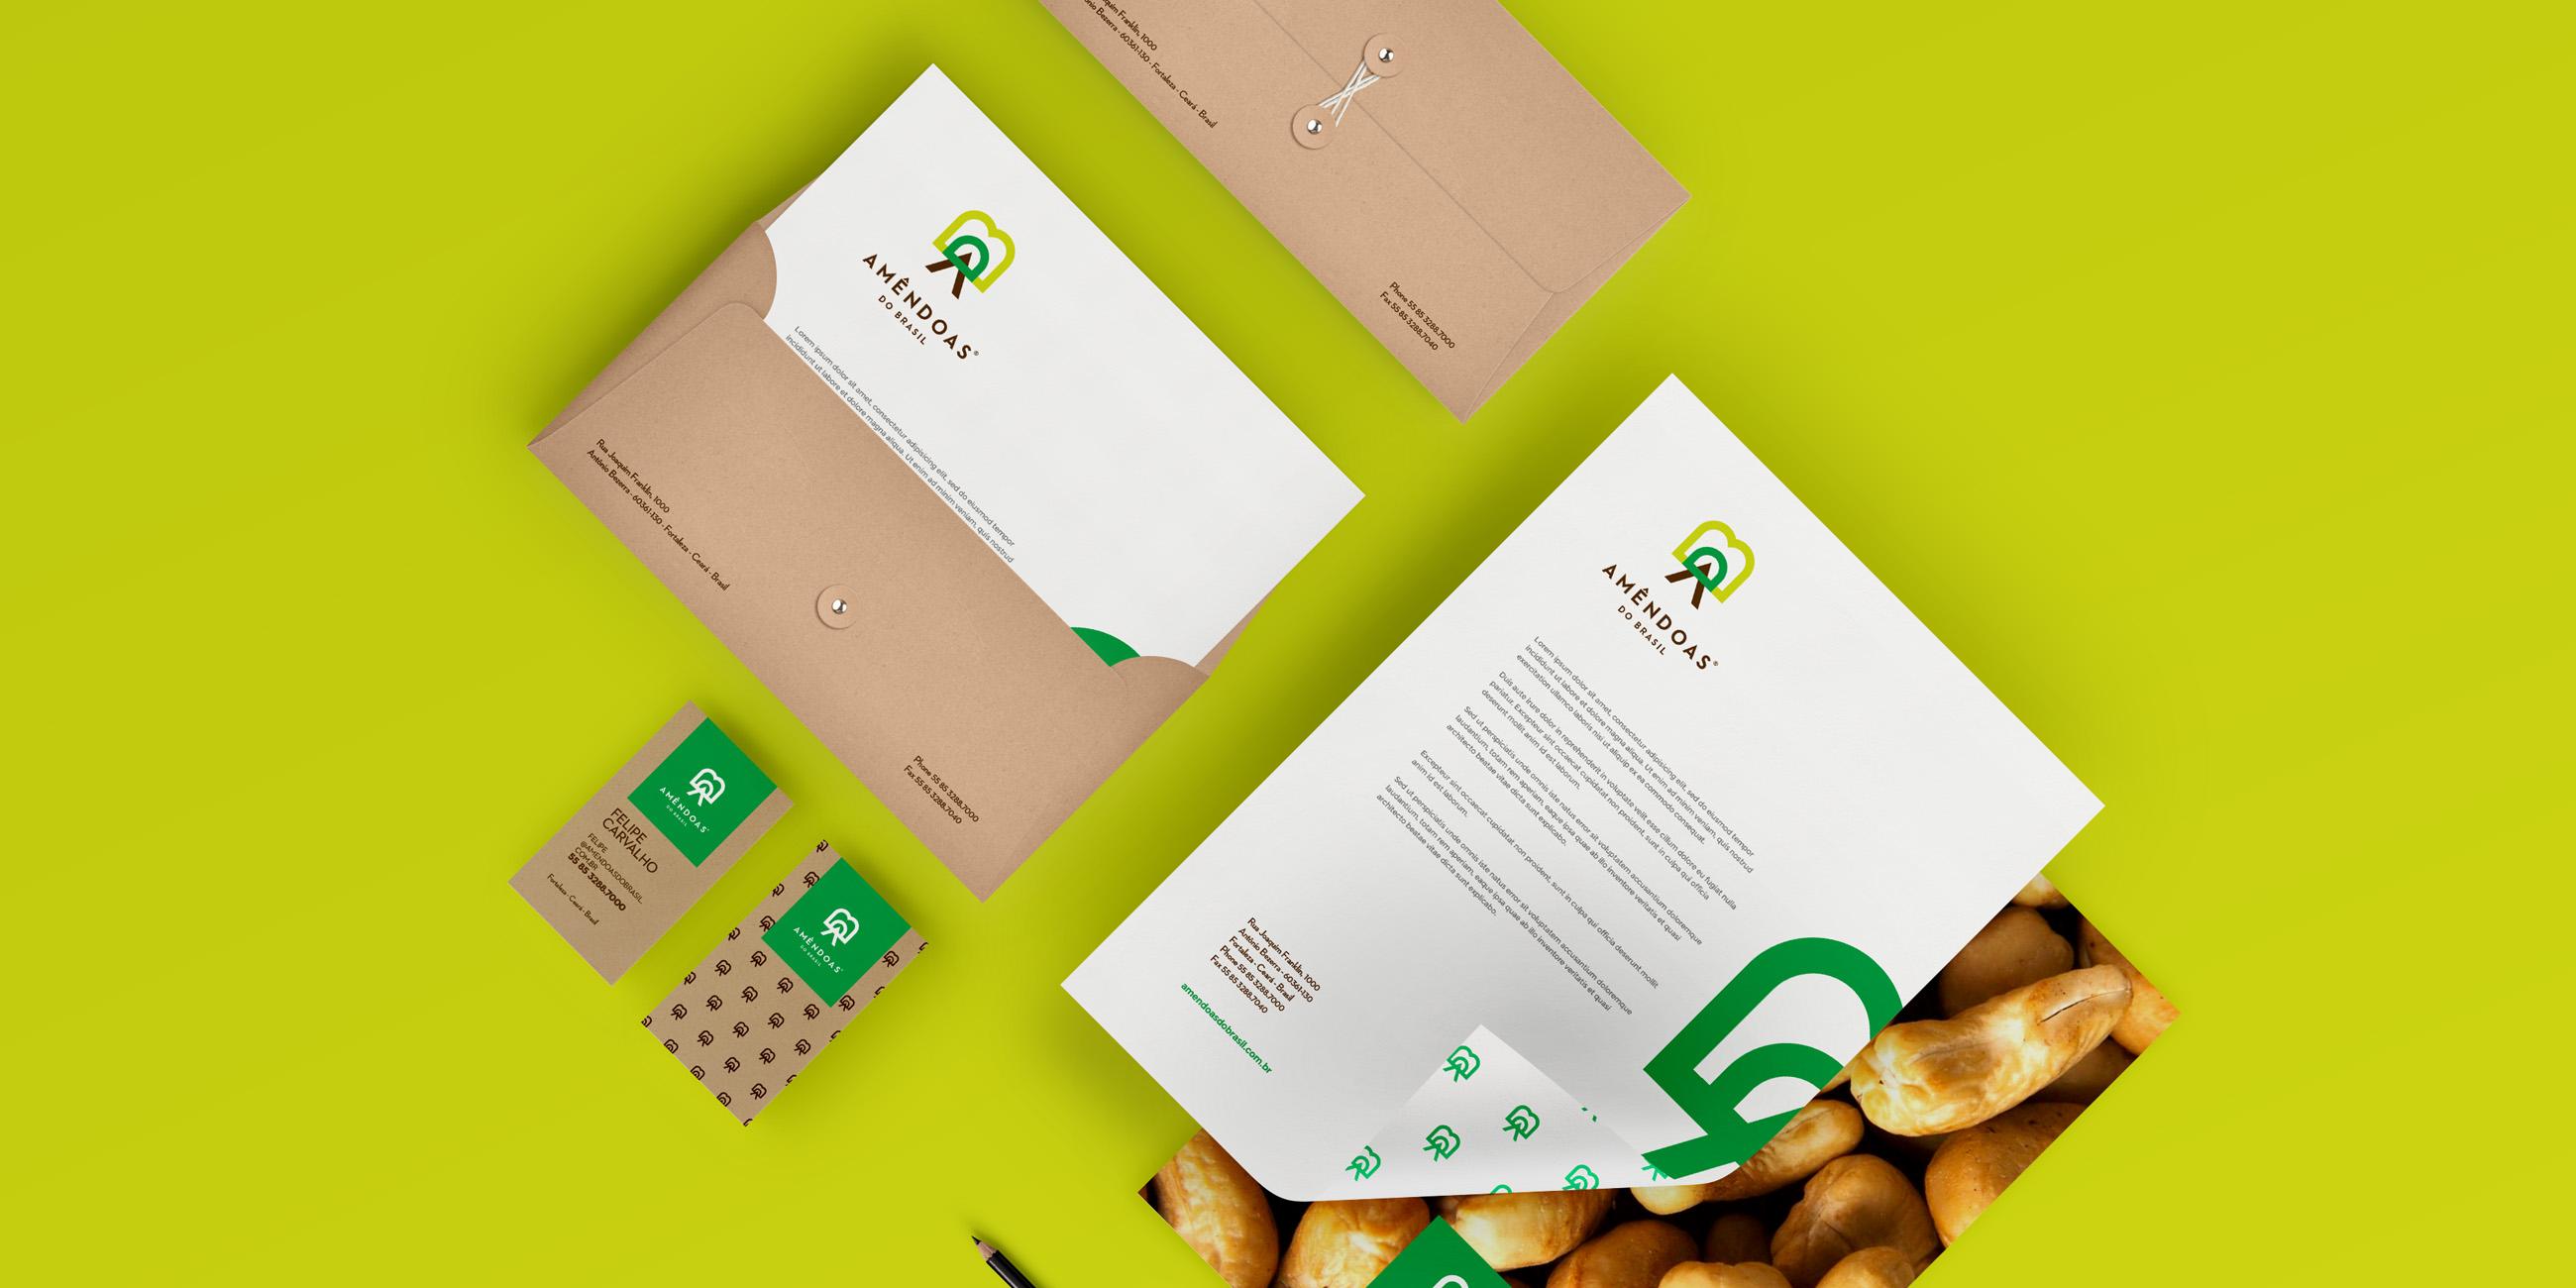 上海品牌策划设计公司分享Amêndoas 农产品品牌形象设计1